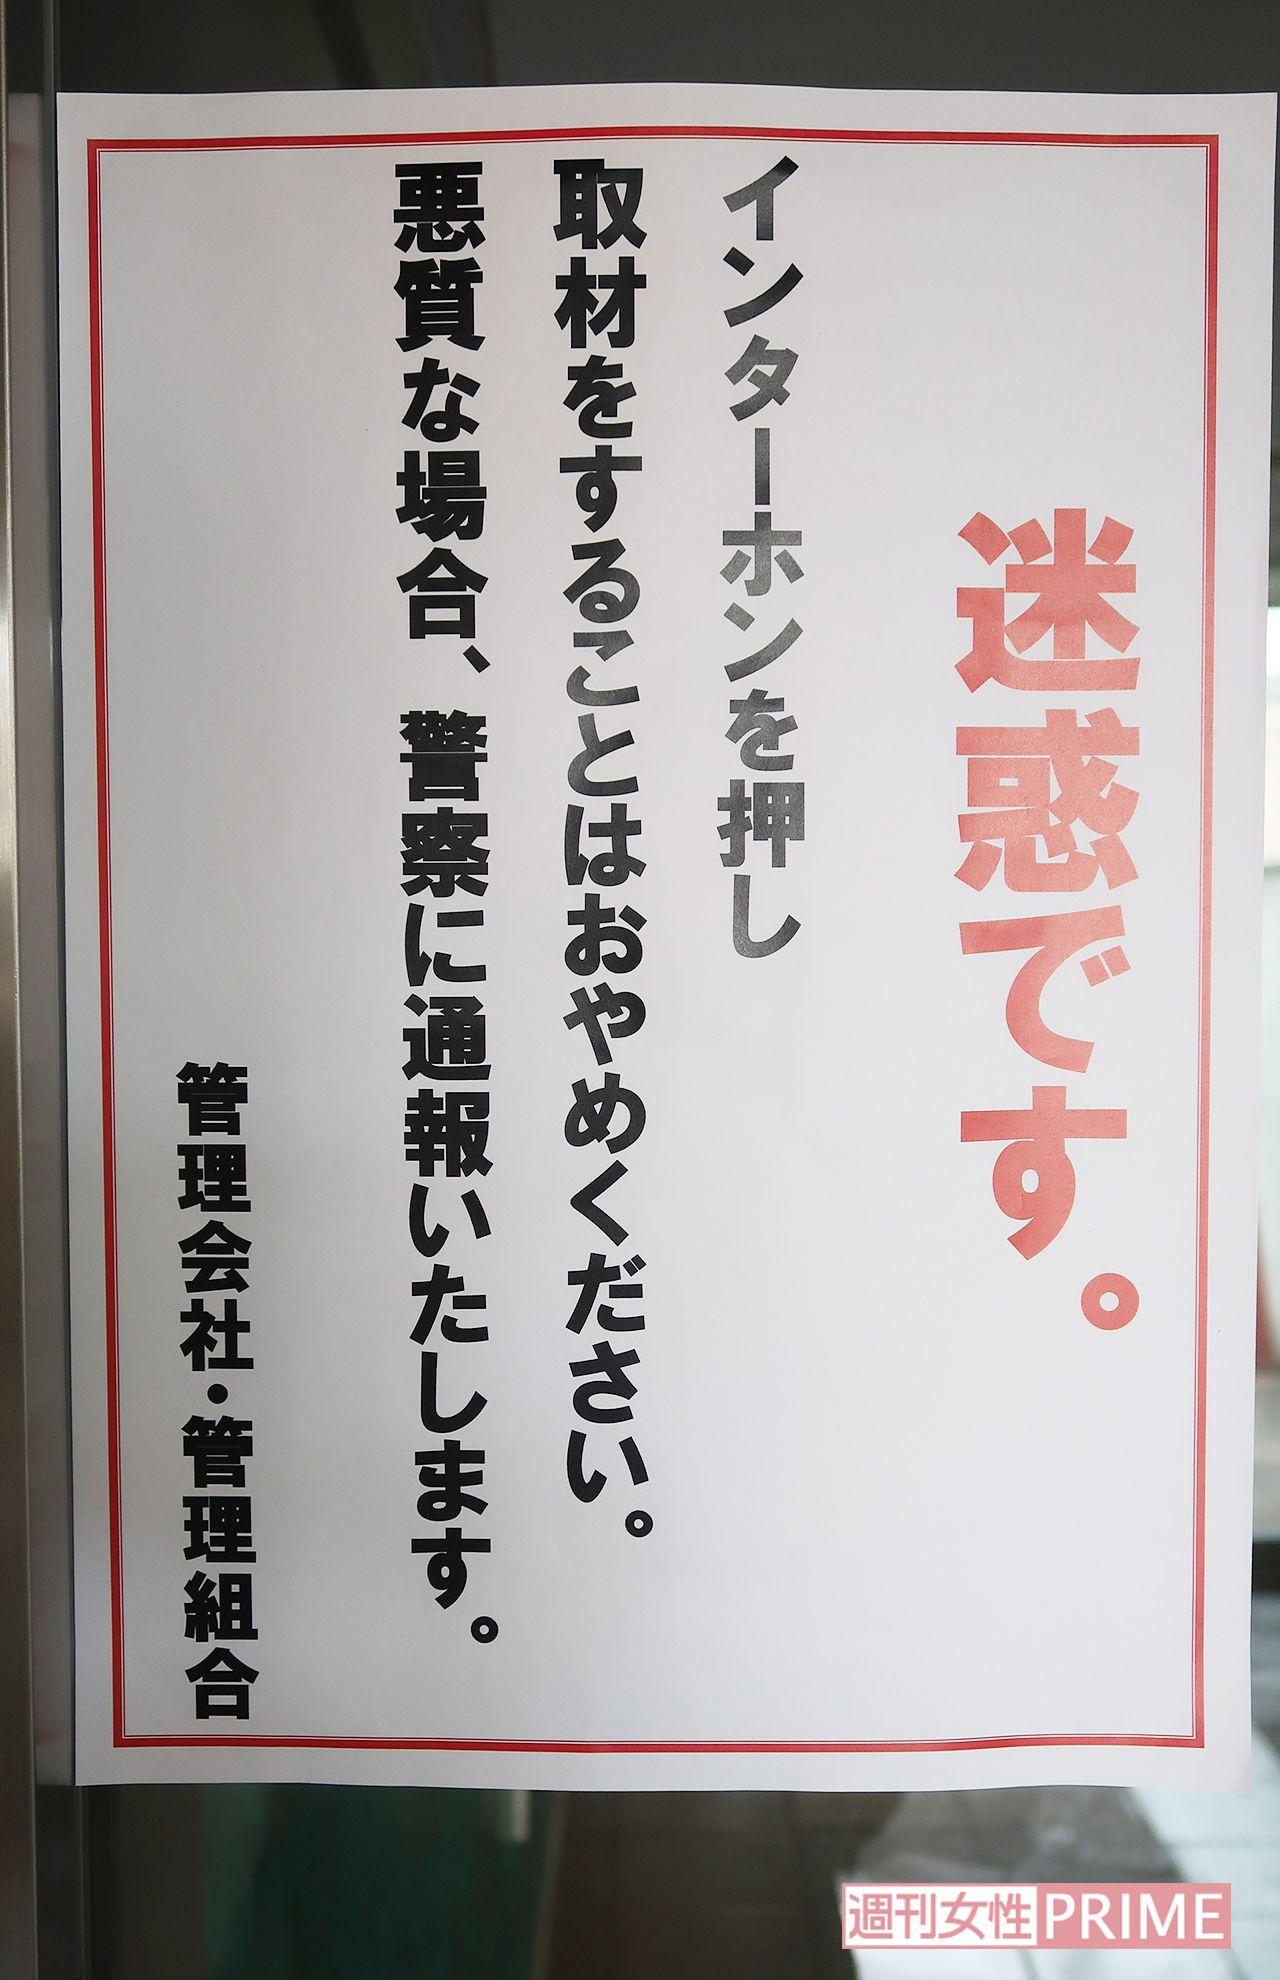 【池袋暴走】運転の飯塚元院長、JNN記者に「おわびの気持ちをずっと持ち続けていることをお伝えいただきたい」 YouTube動画>1本 ->画像>8枚